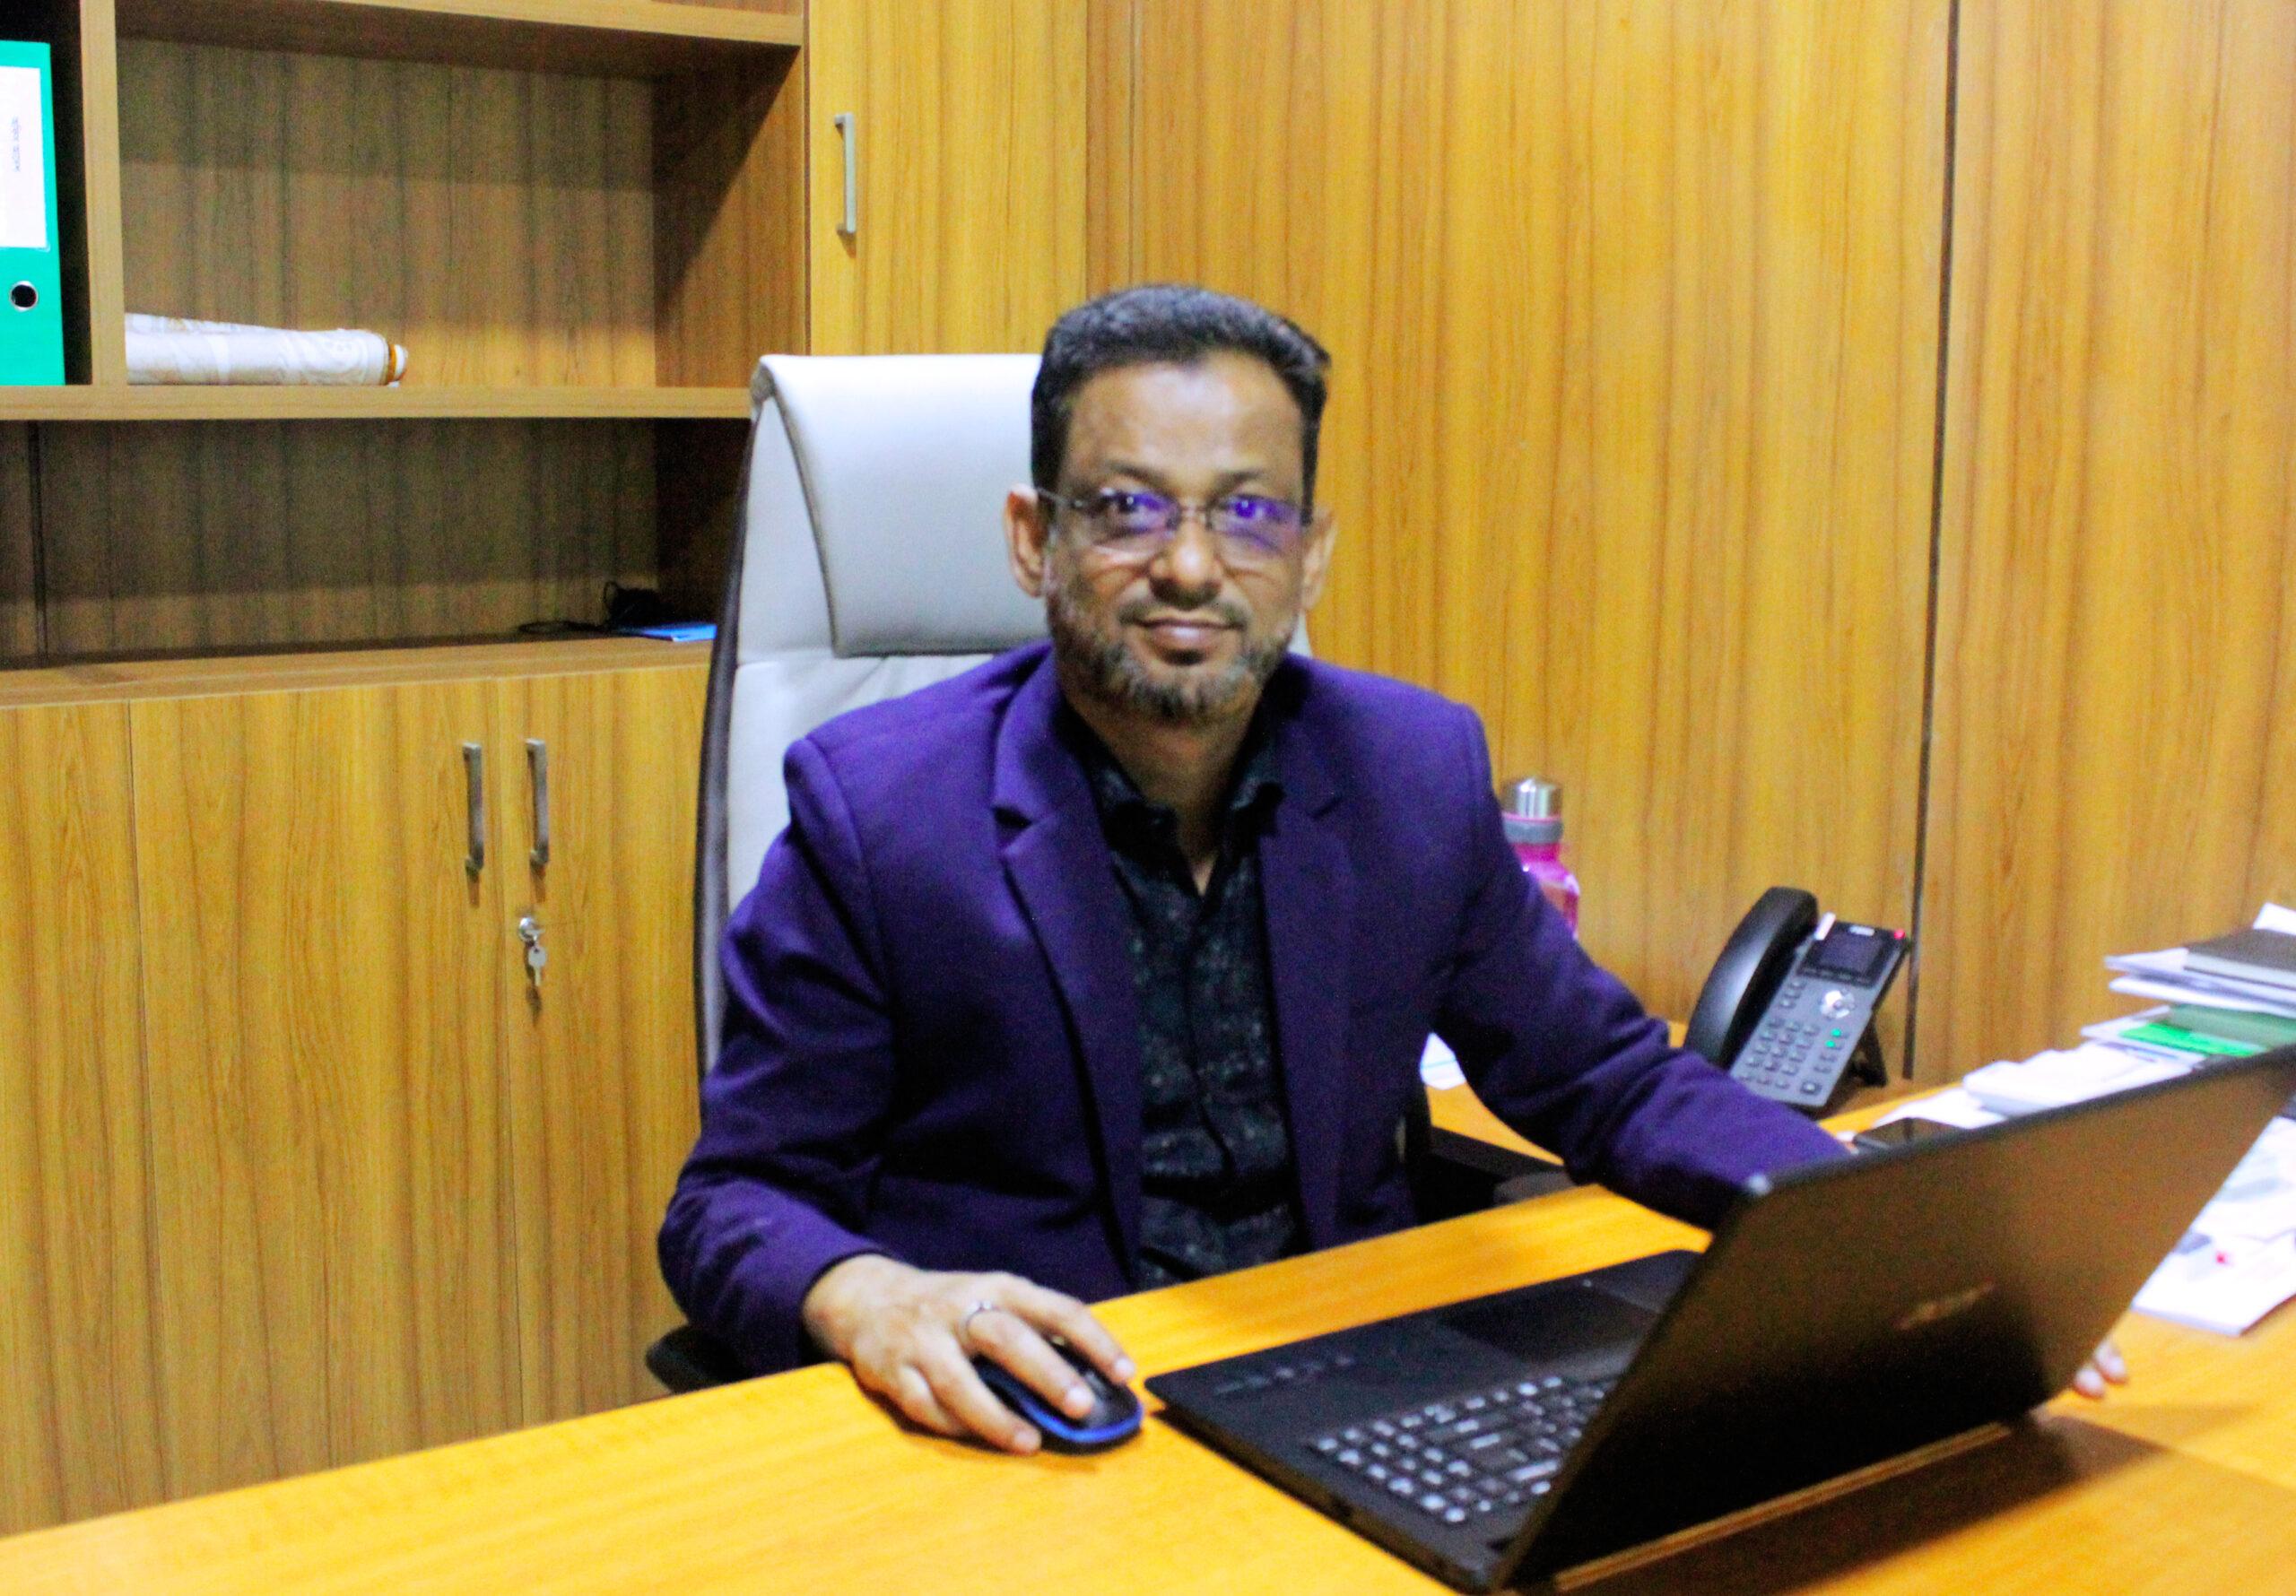 Hajkil Md. Abu Hasan